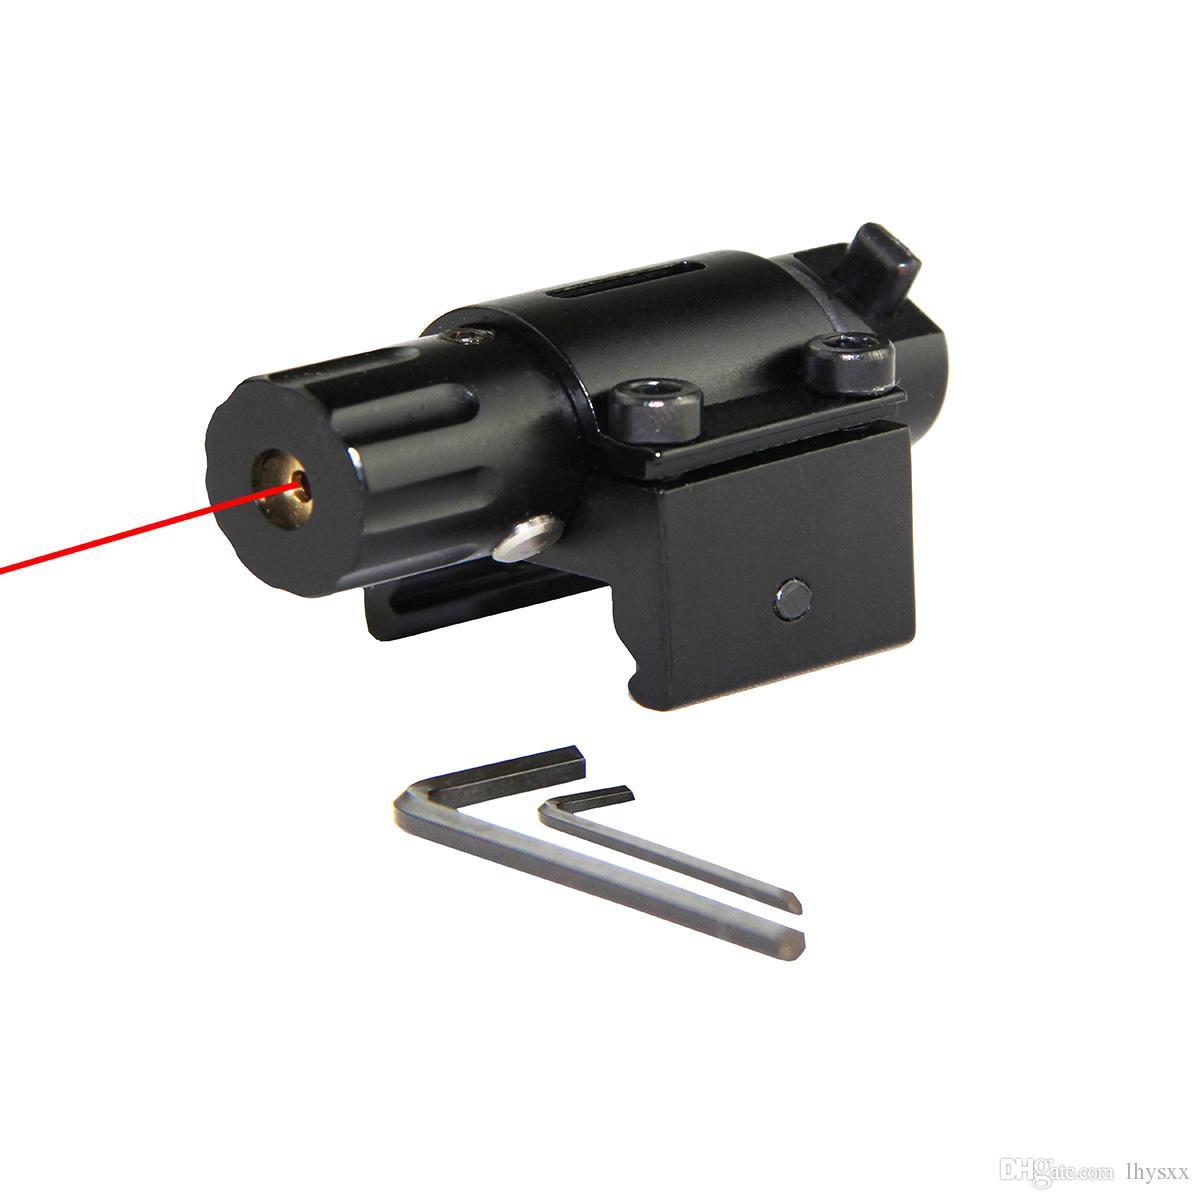 Taktik Av Süper Mini Kırmızı Nokta Lazer Sight Tabanca Tabanca ile 20mm Raylı